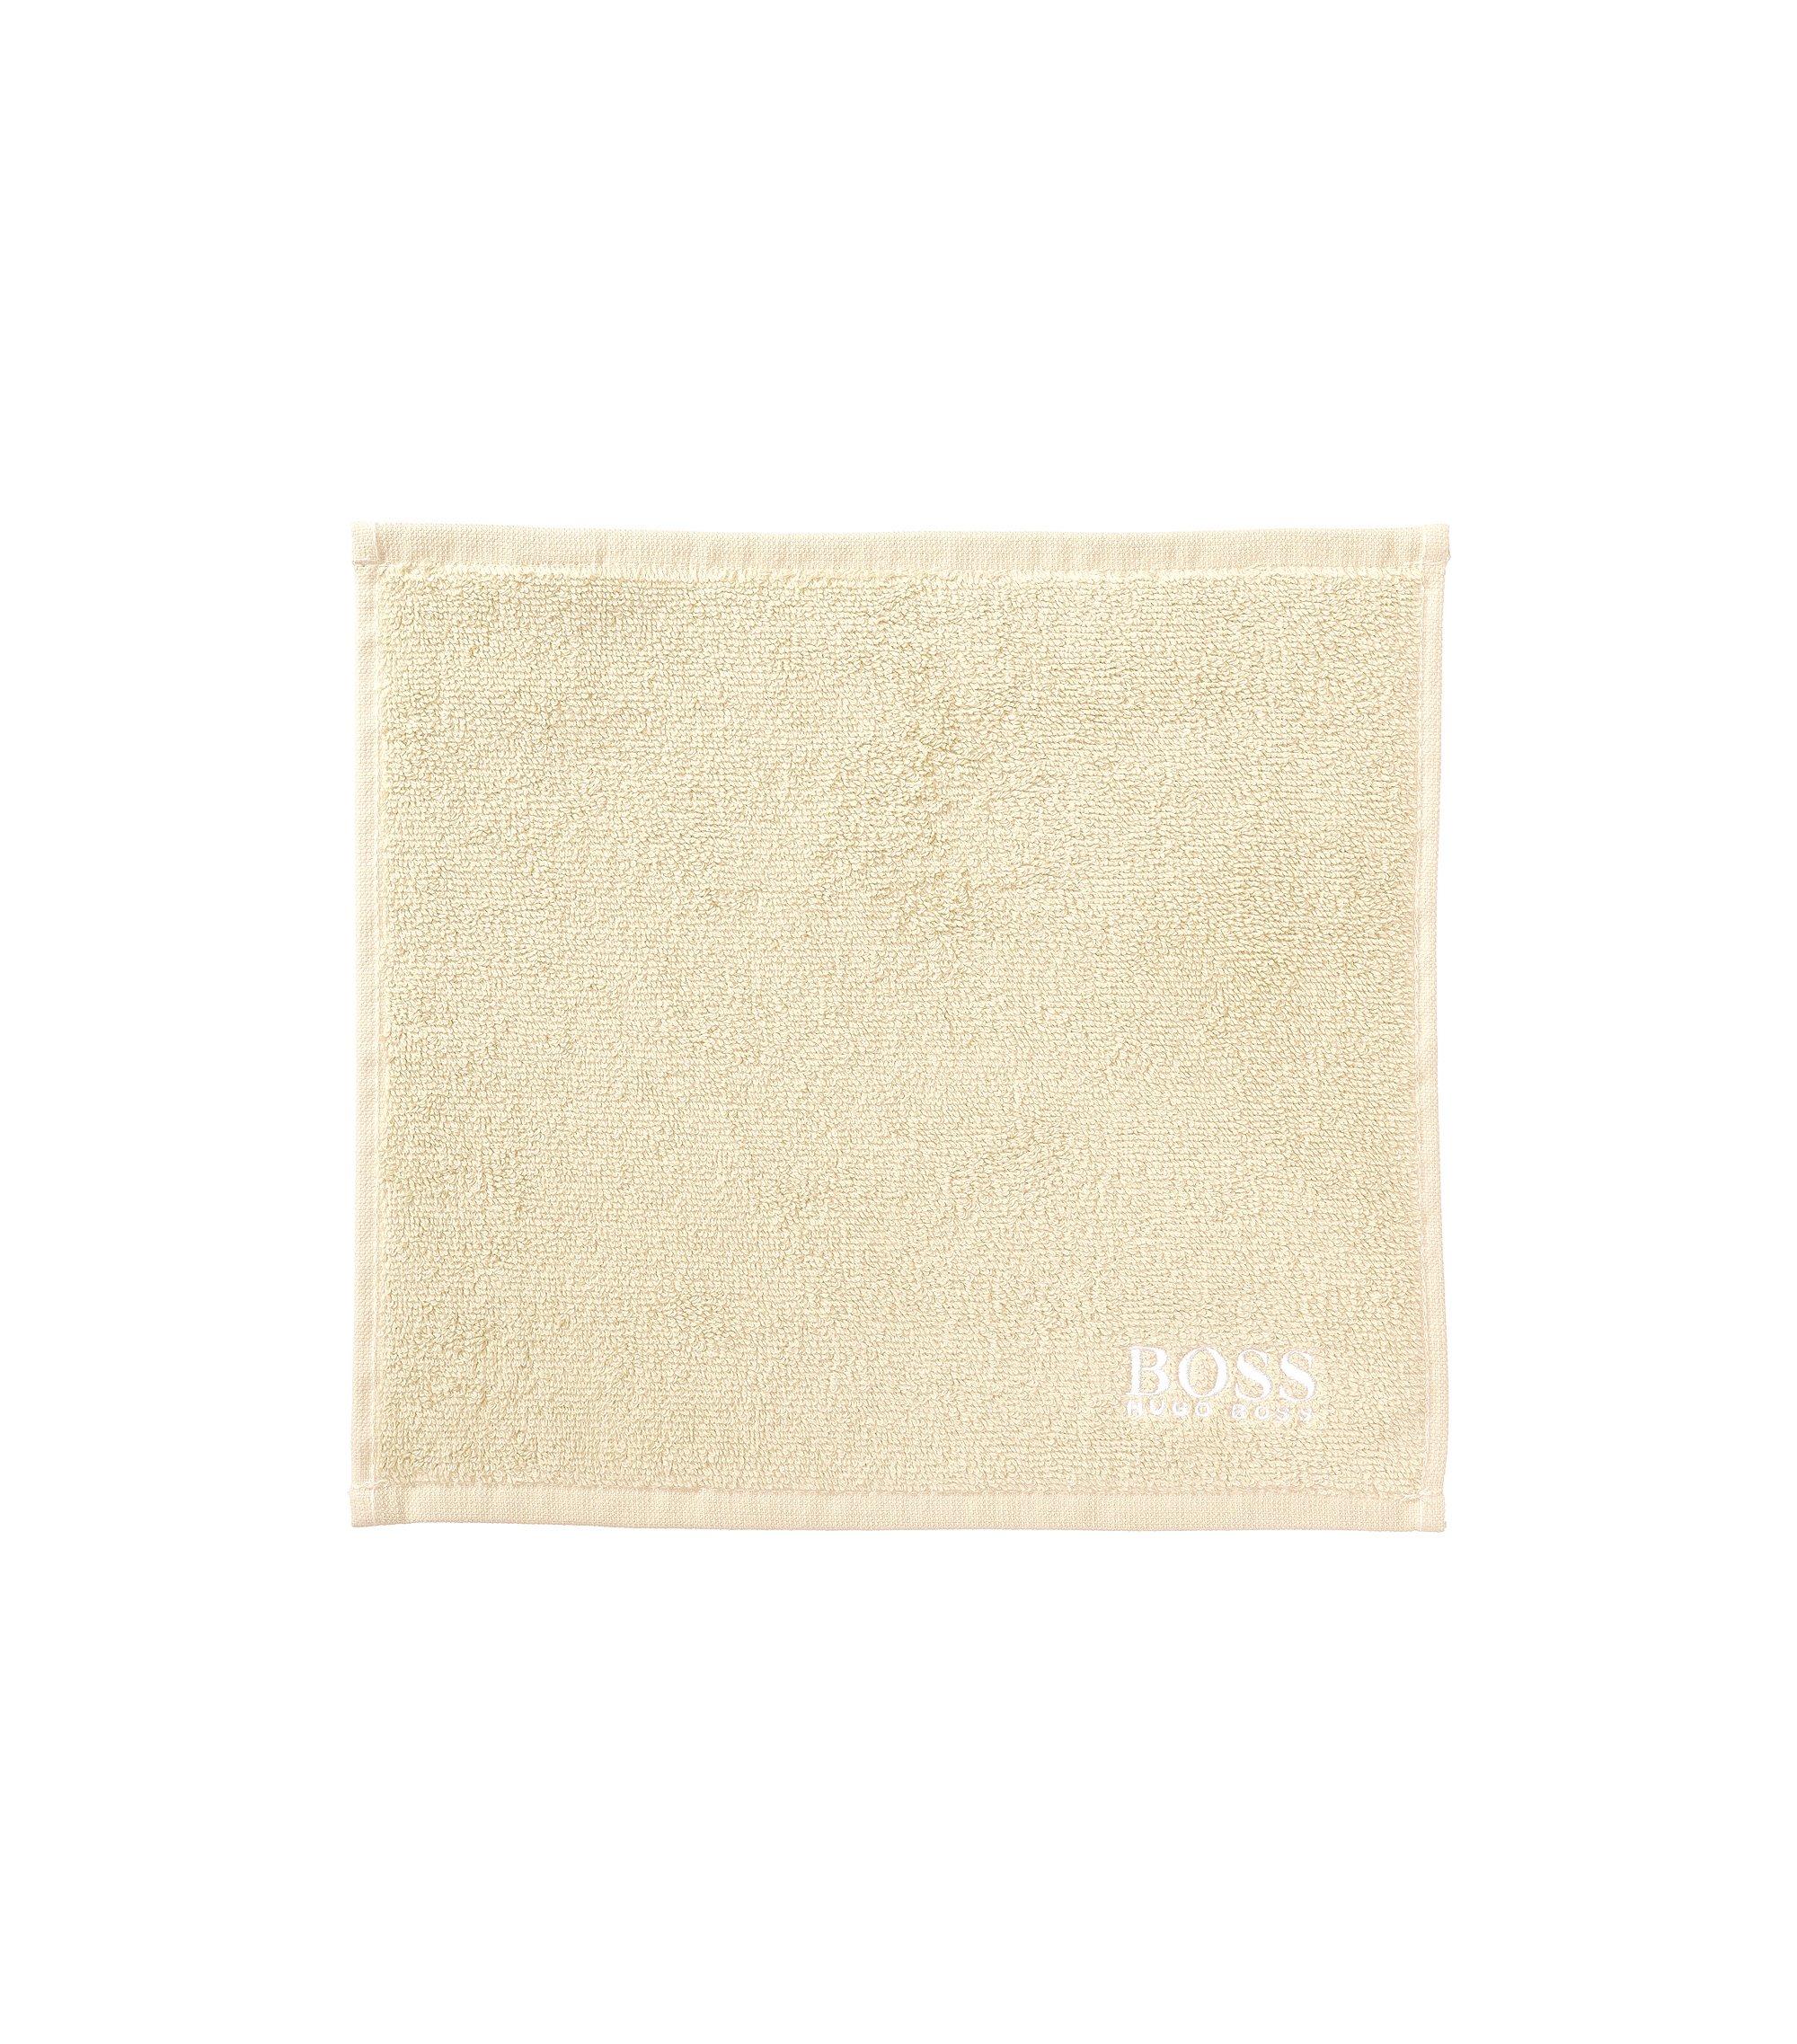 Waschlappen aus feinster ägyptischer Baumwolle mit Logo-Stickerei, Hellbeige